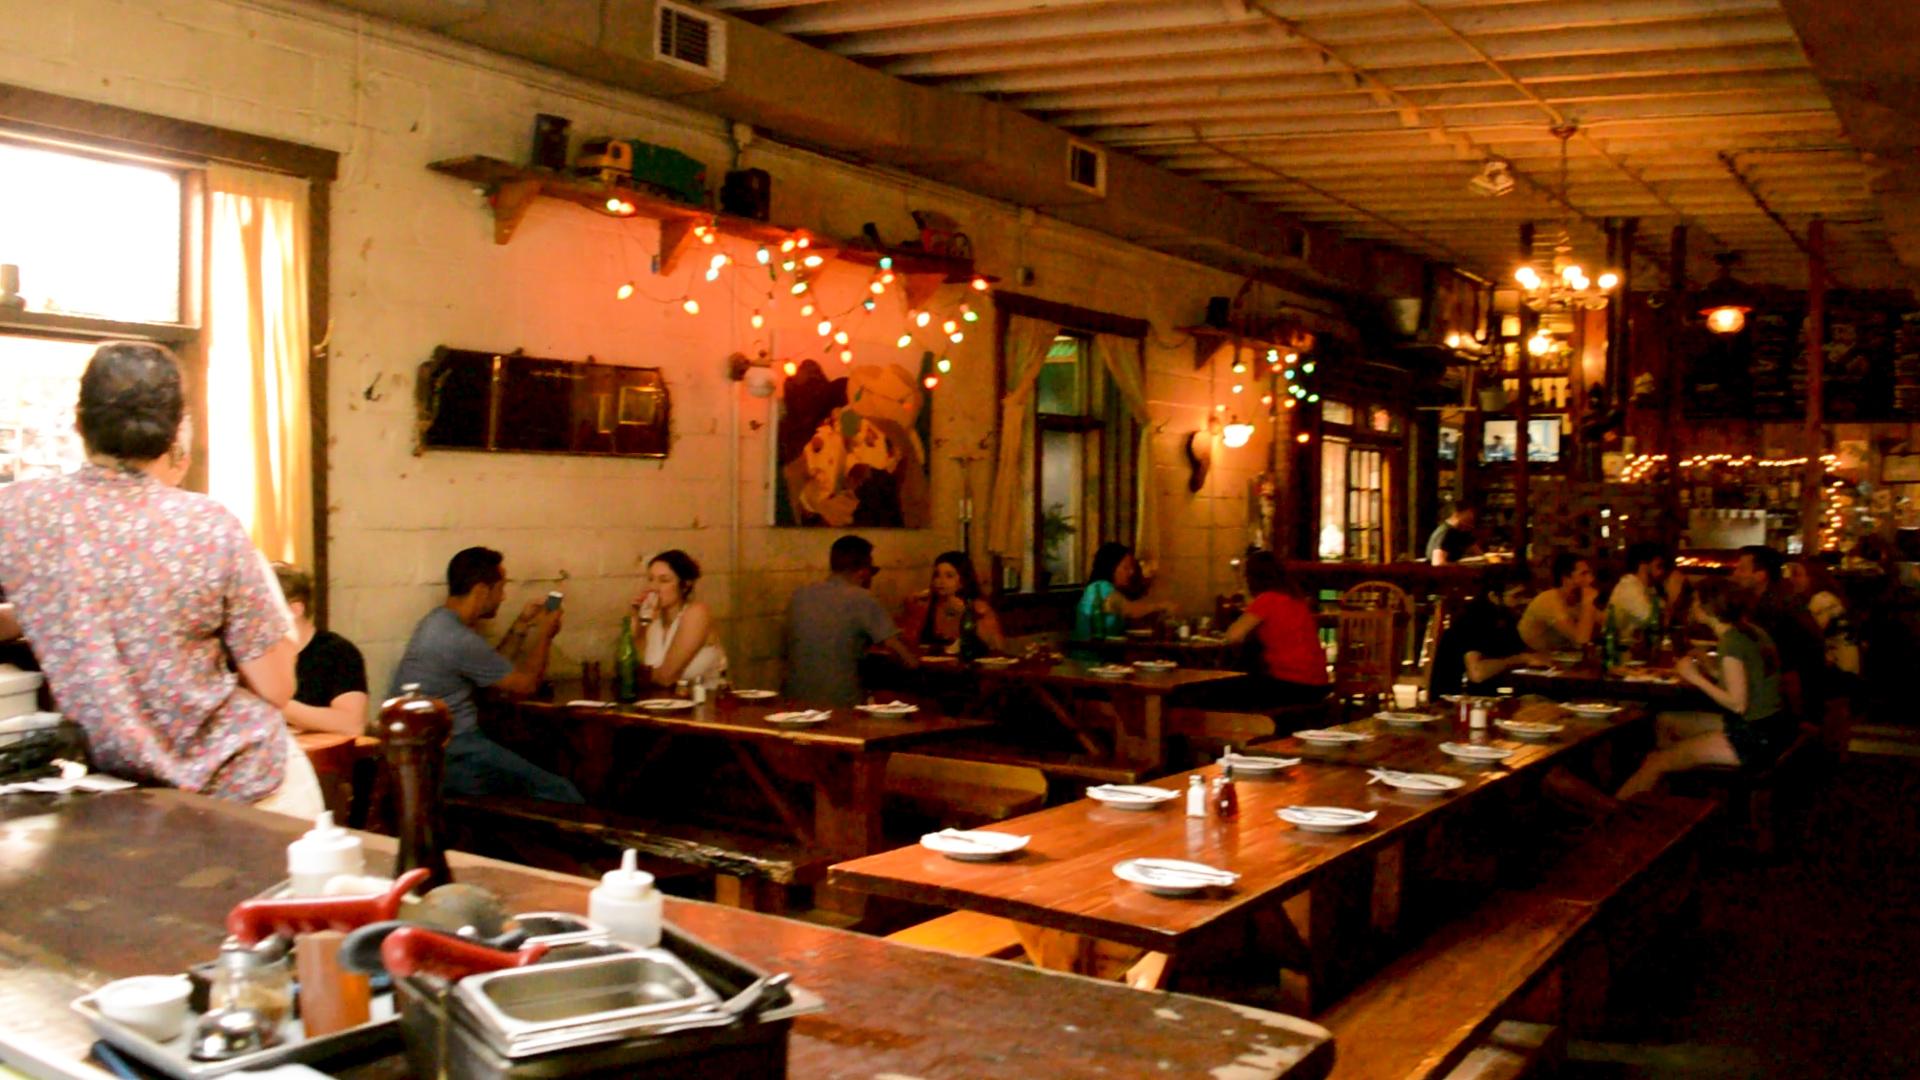 Bild von jungen Leuten, die an einem Restaurant in Bushwick, Brooklyn essen